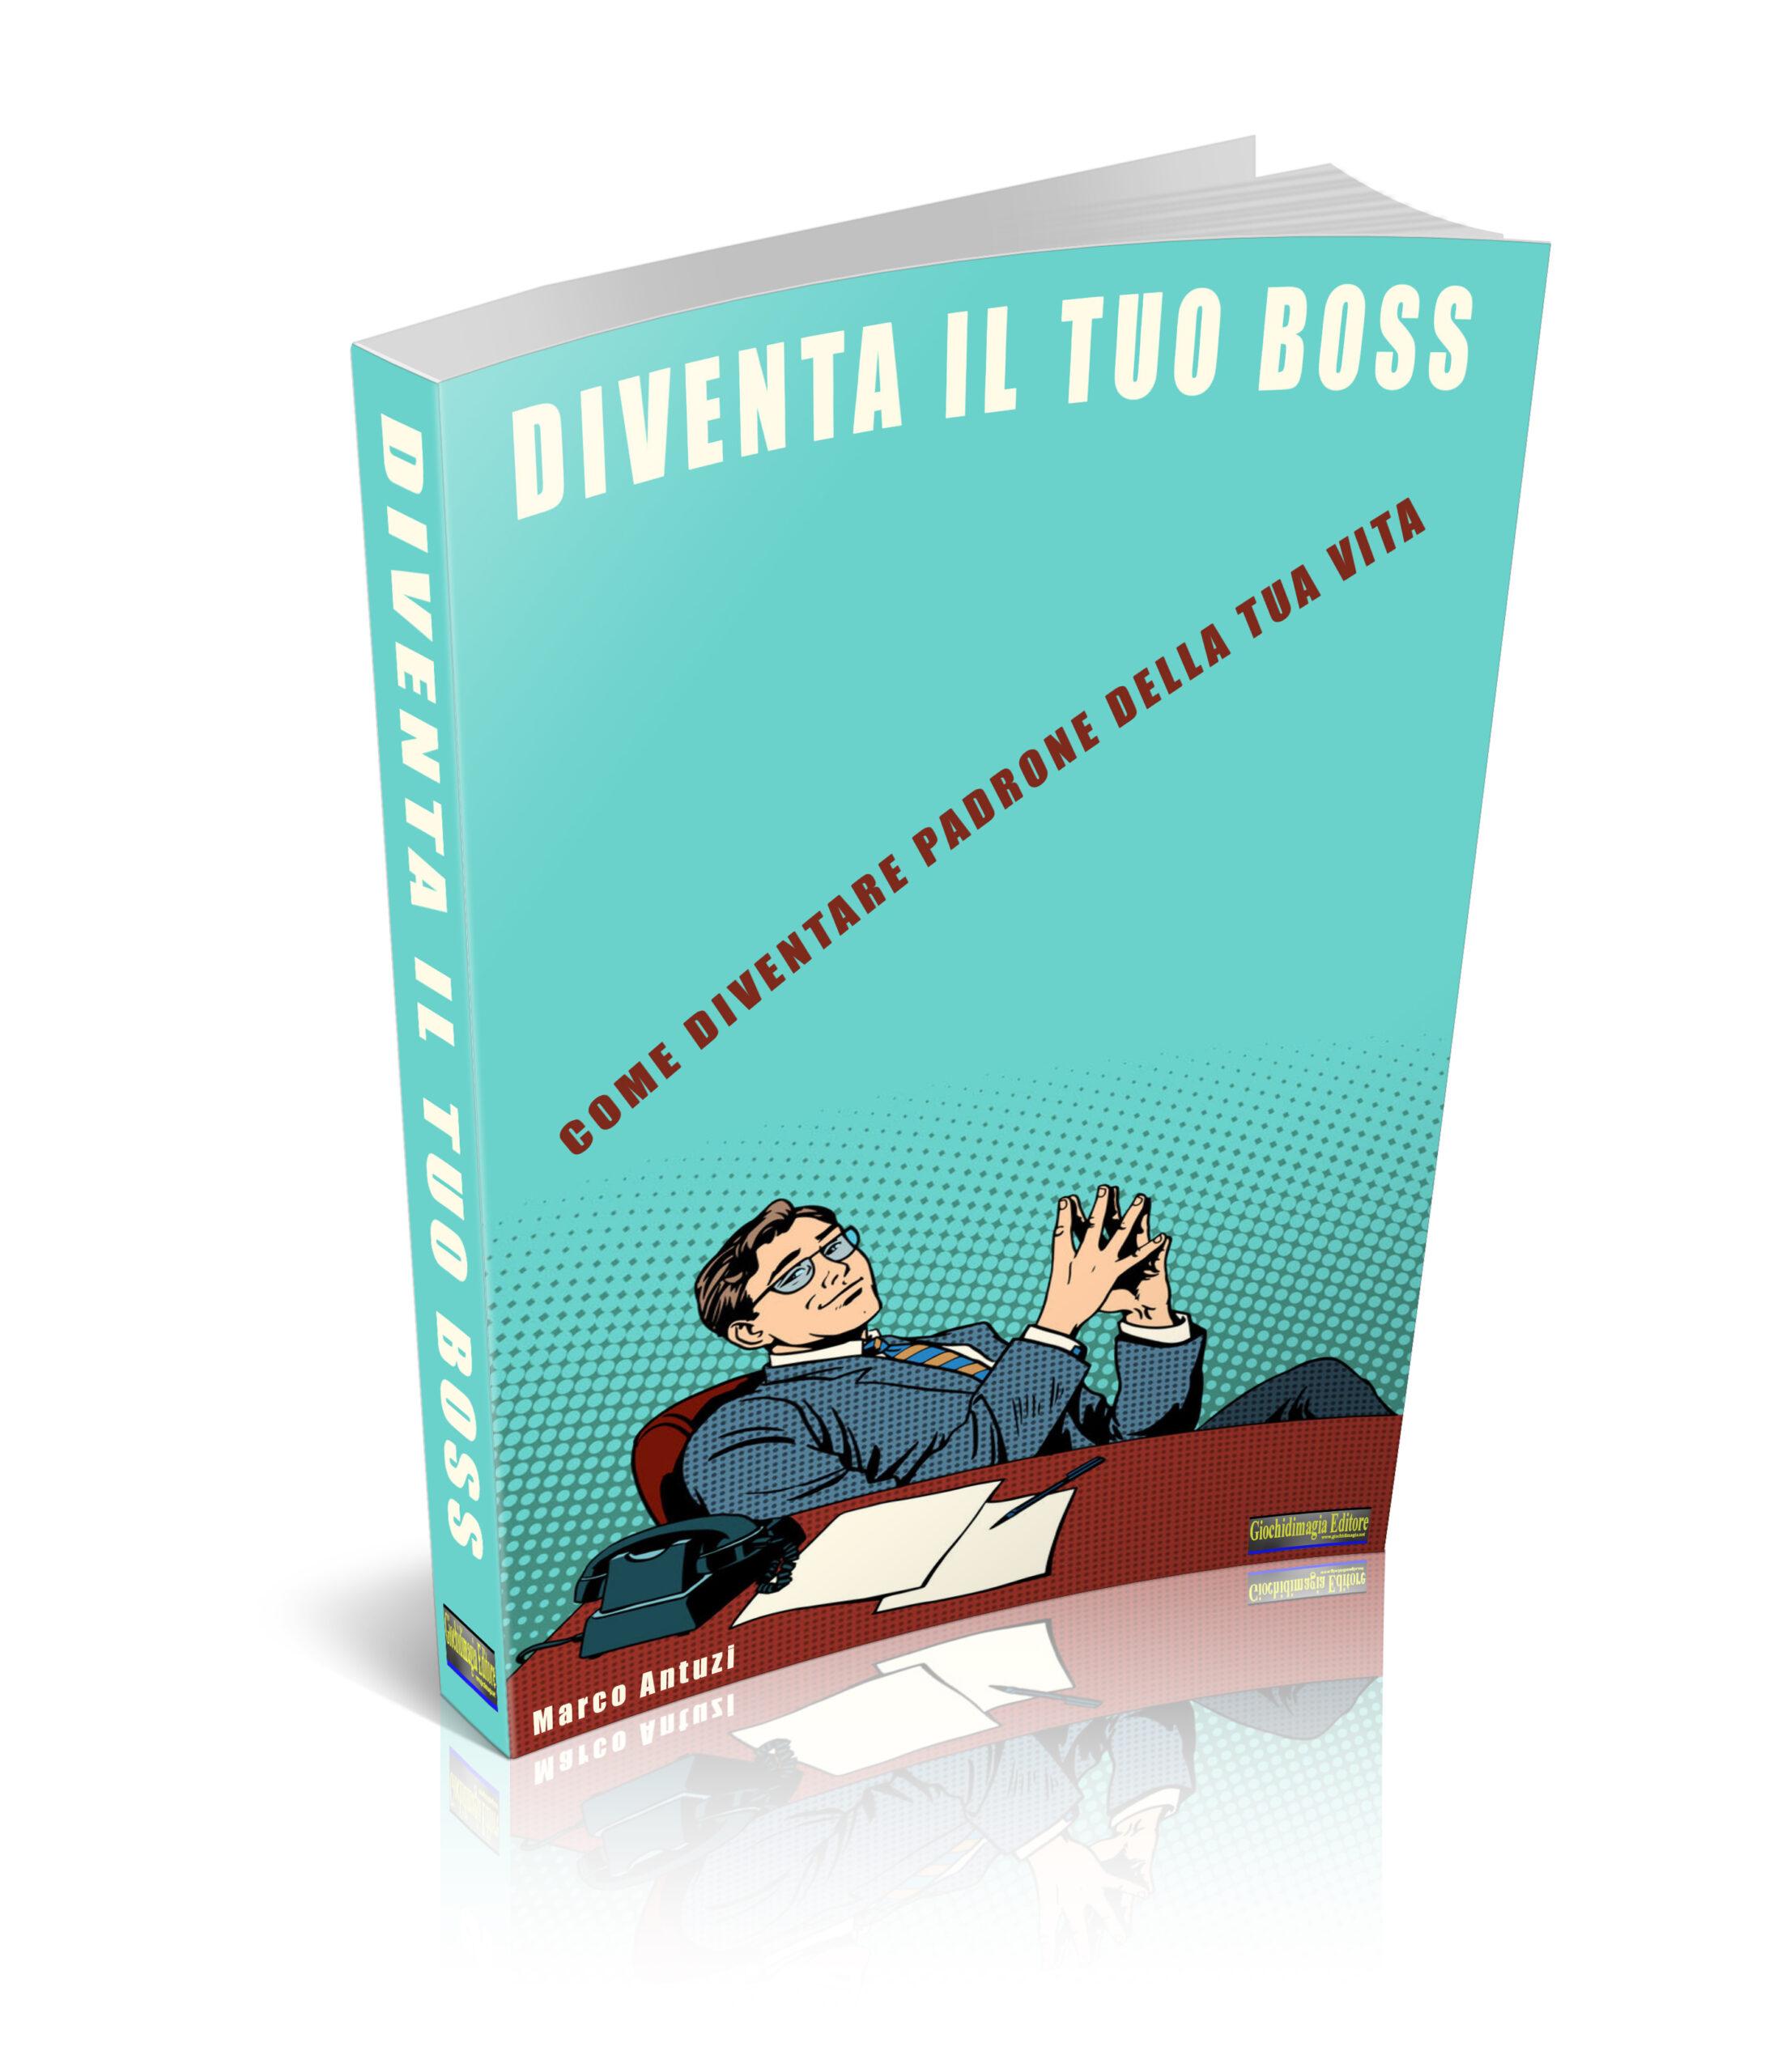 Diventa il tuo Boss